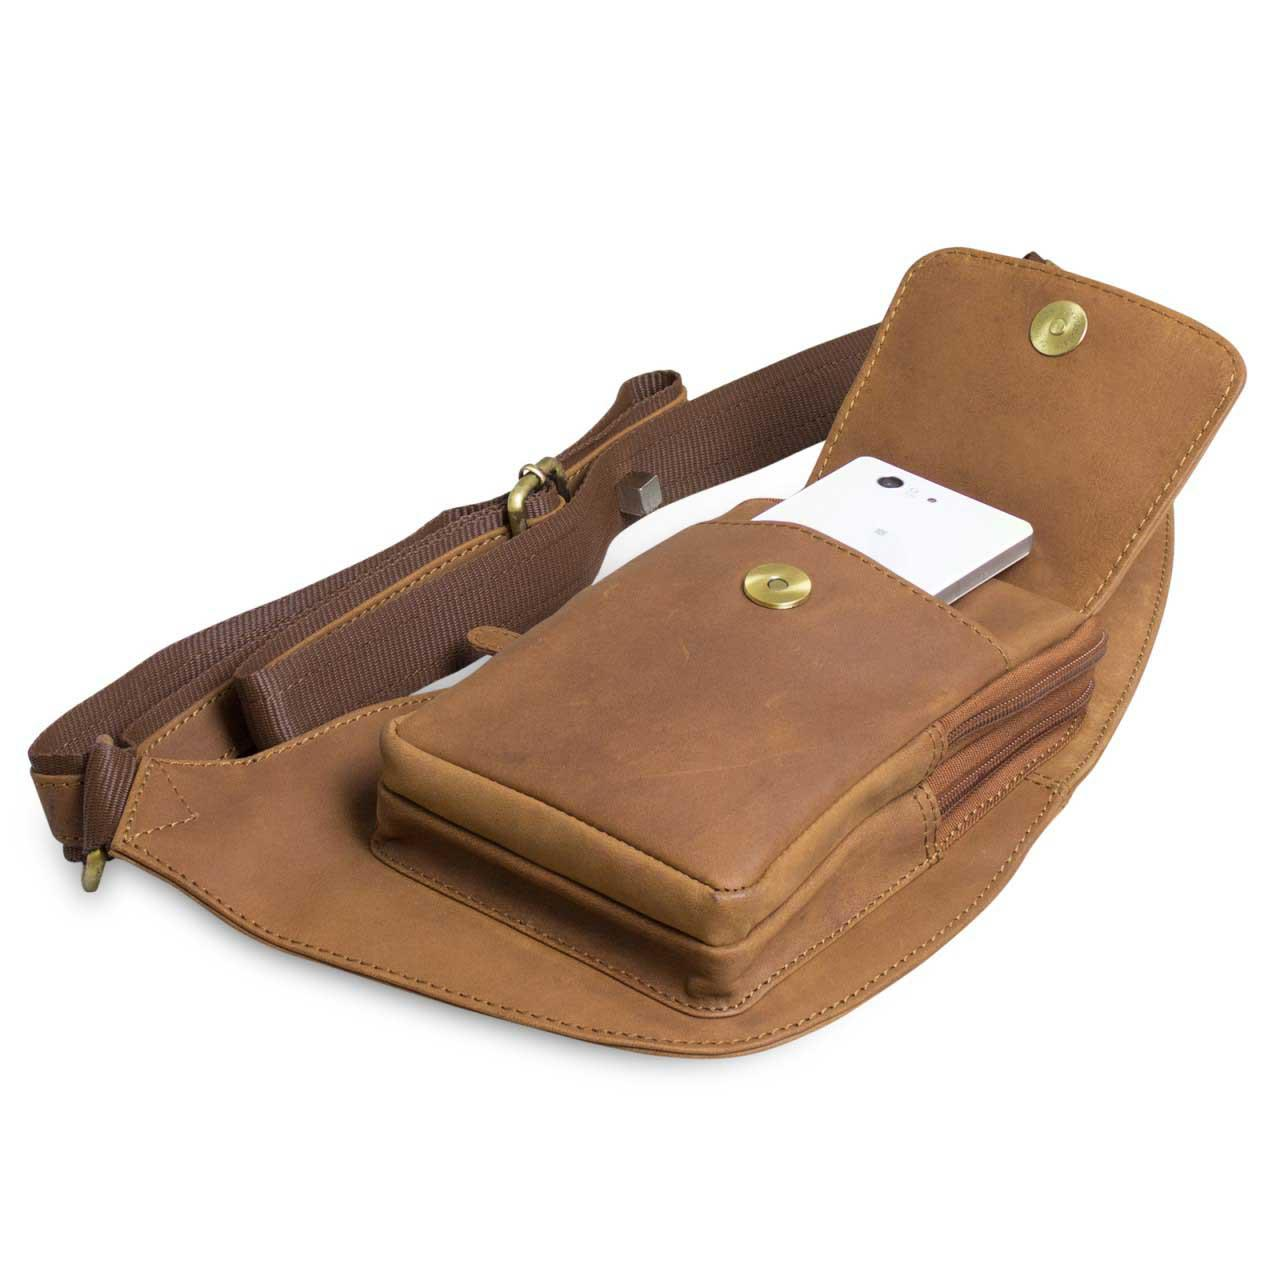 STILORD 'Adrian' Brusttasche Bauchtasche Rucksack Umhängetasche Kameratasche Schultertasche Reise Ledertasche Damen Herren echtes Leder braun